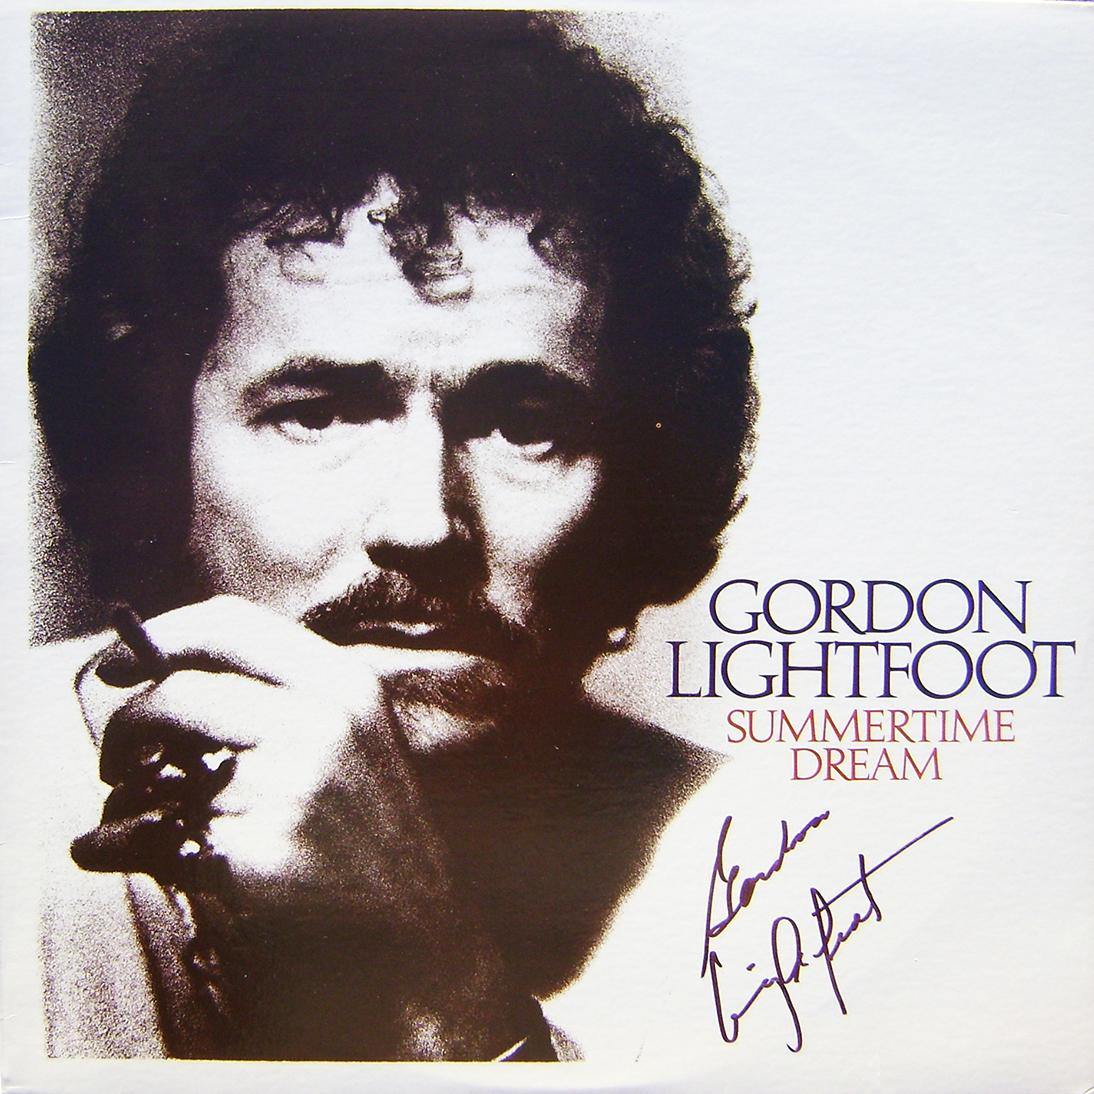 Gordon Lightfoot LP - Summertime Dream